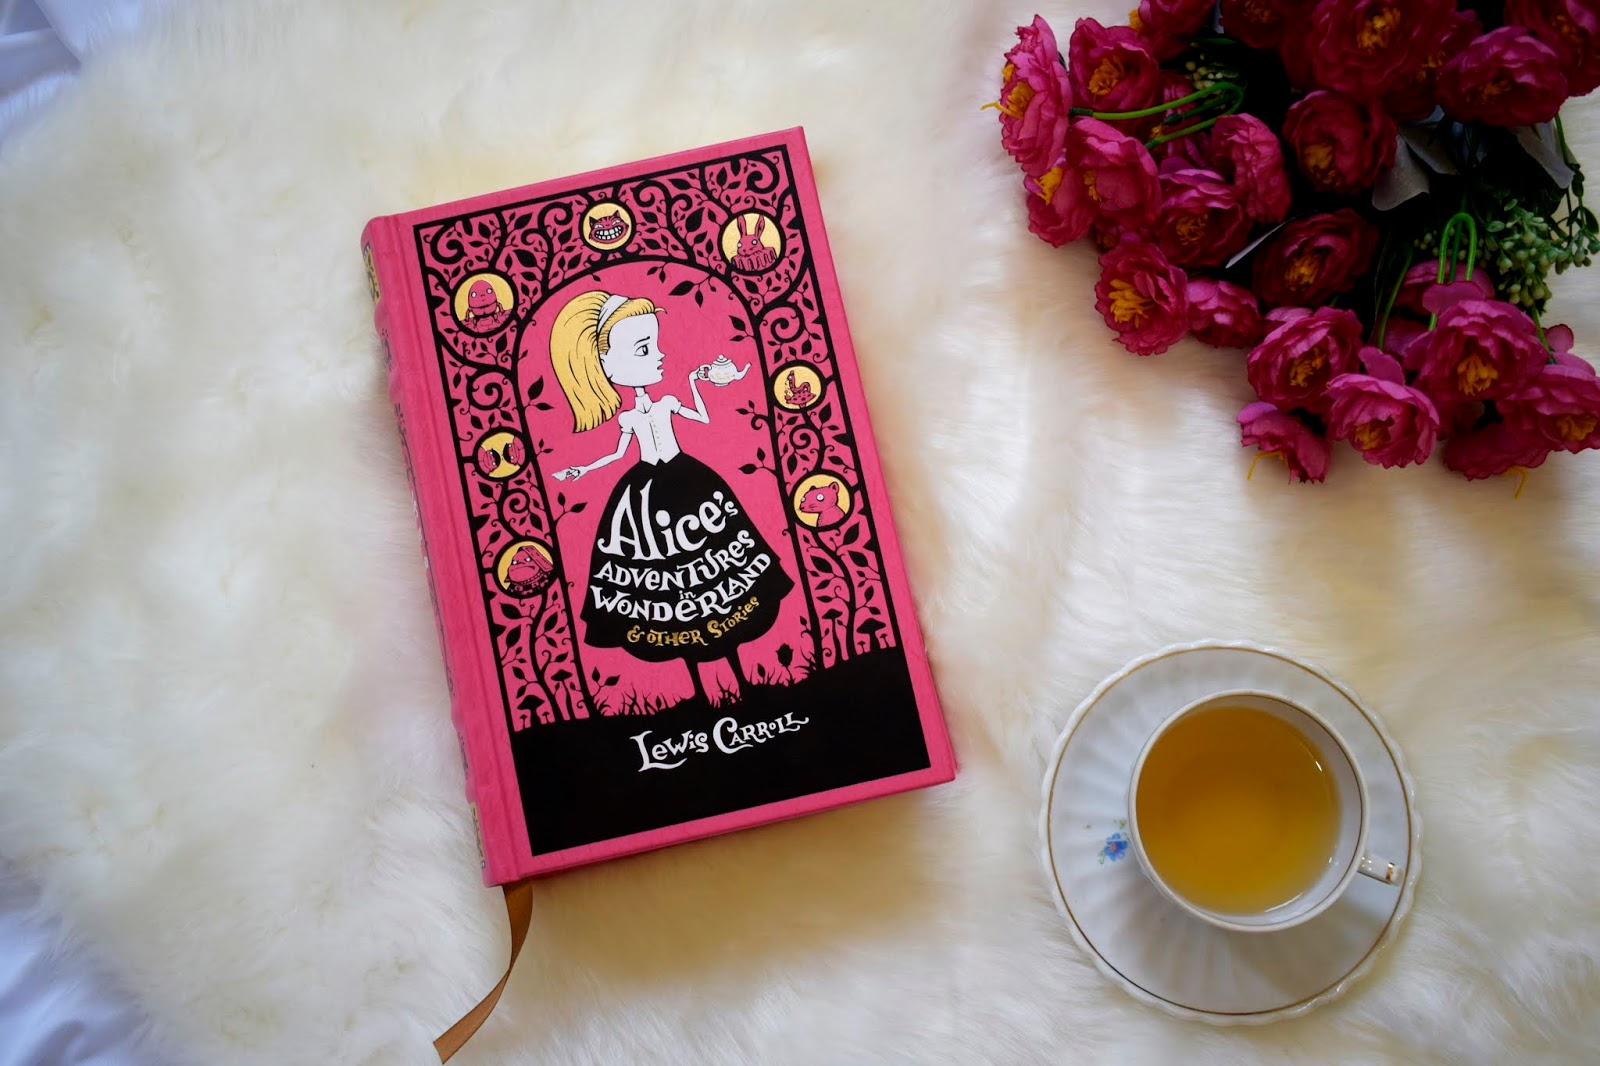 As aventuras de Alice no país das maravilhas e outras histórias - Edição de Luxo